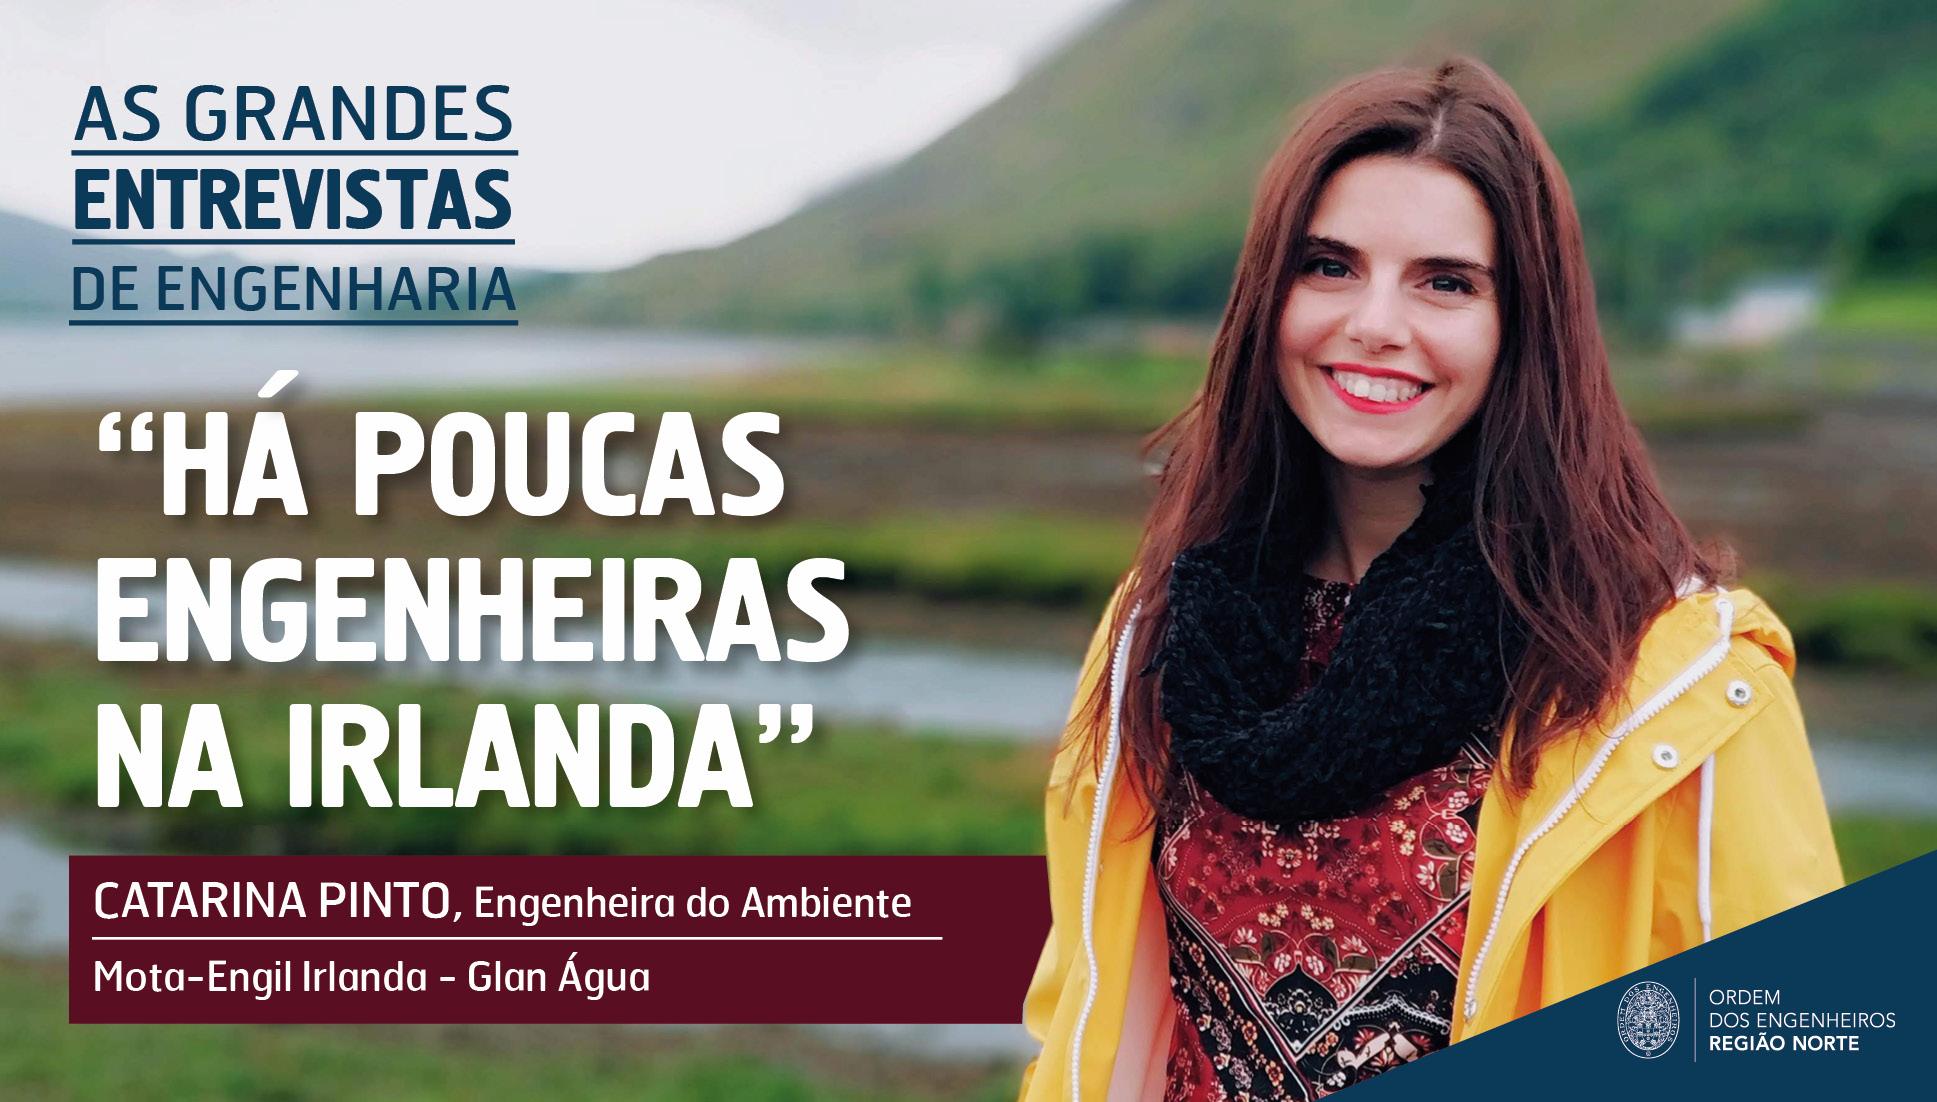 Plataforma Notícias Ordem Engenheiros Região Norte - As Grandes Entrevistas de Engenharia com… Catarina Pinto